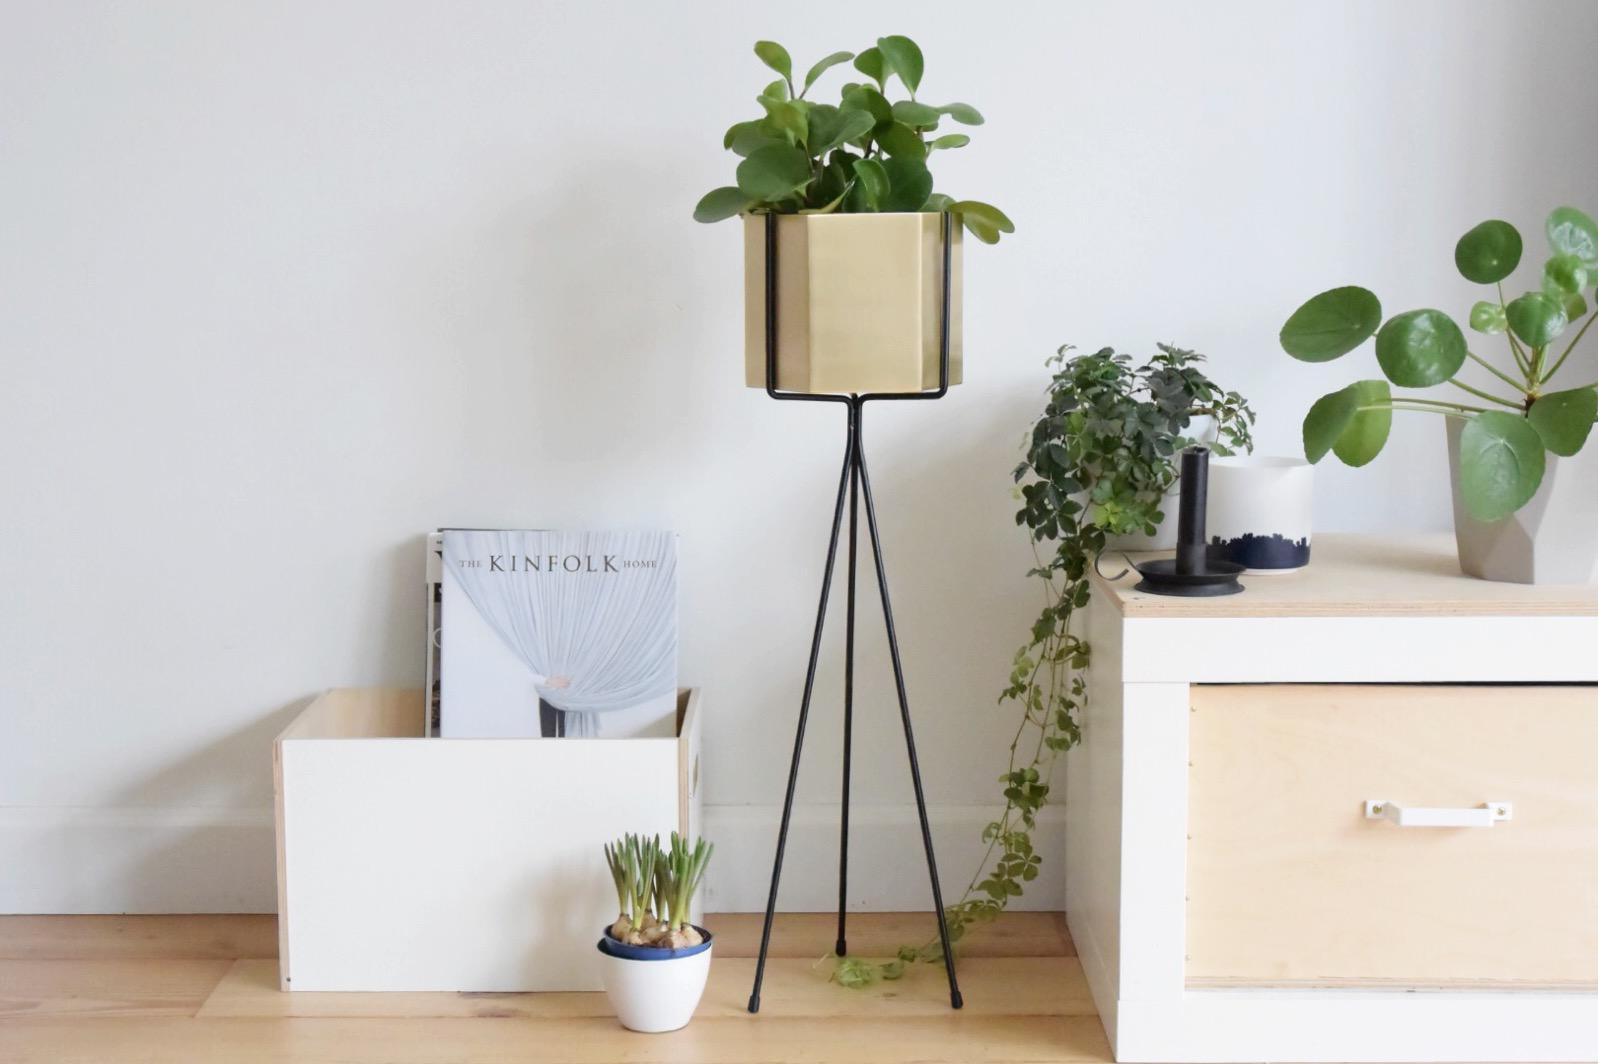 De plantenstandaard: terug van weggeweest